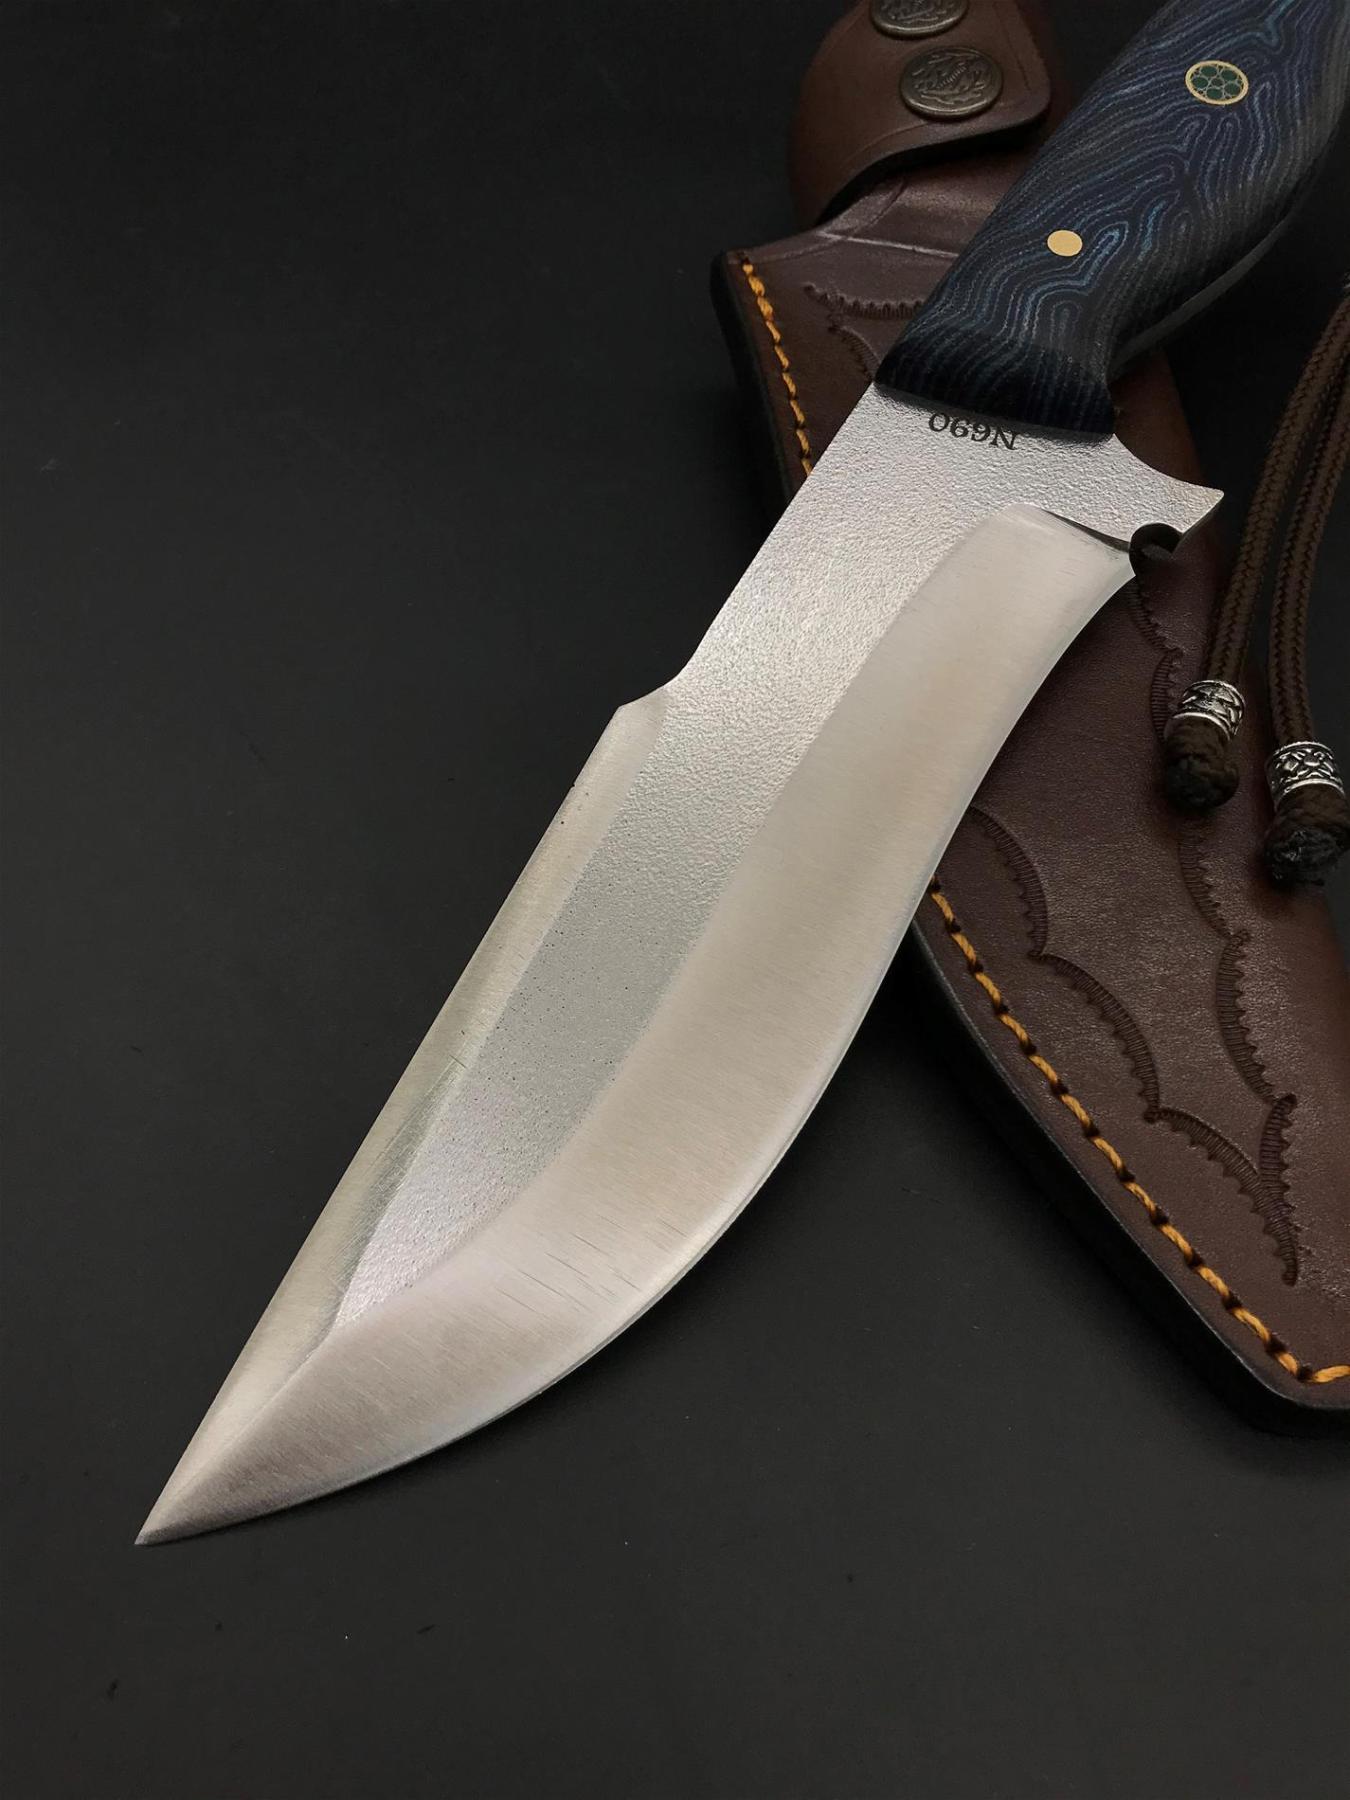 BOHLER N690 Camping Knife BB04-3 enlarge